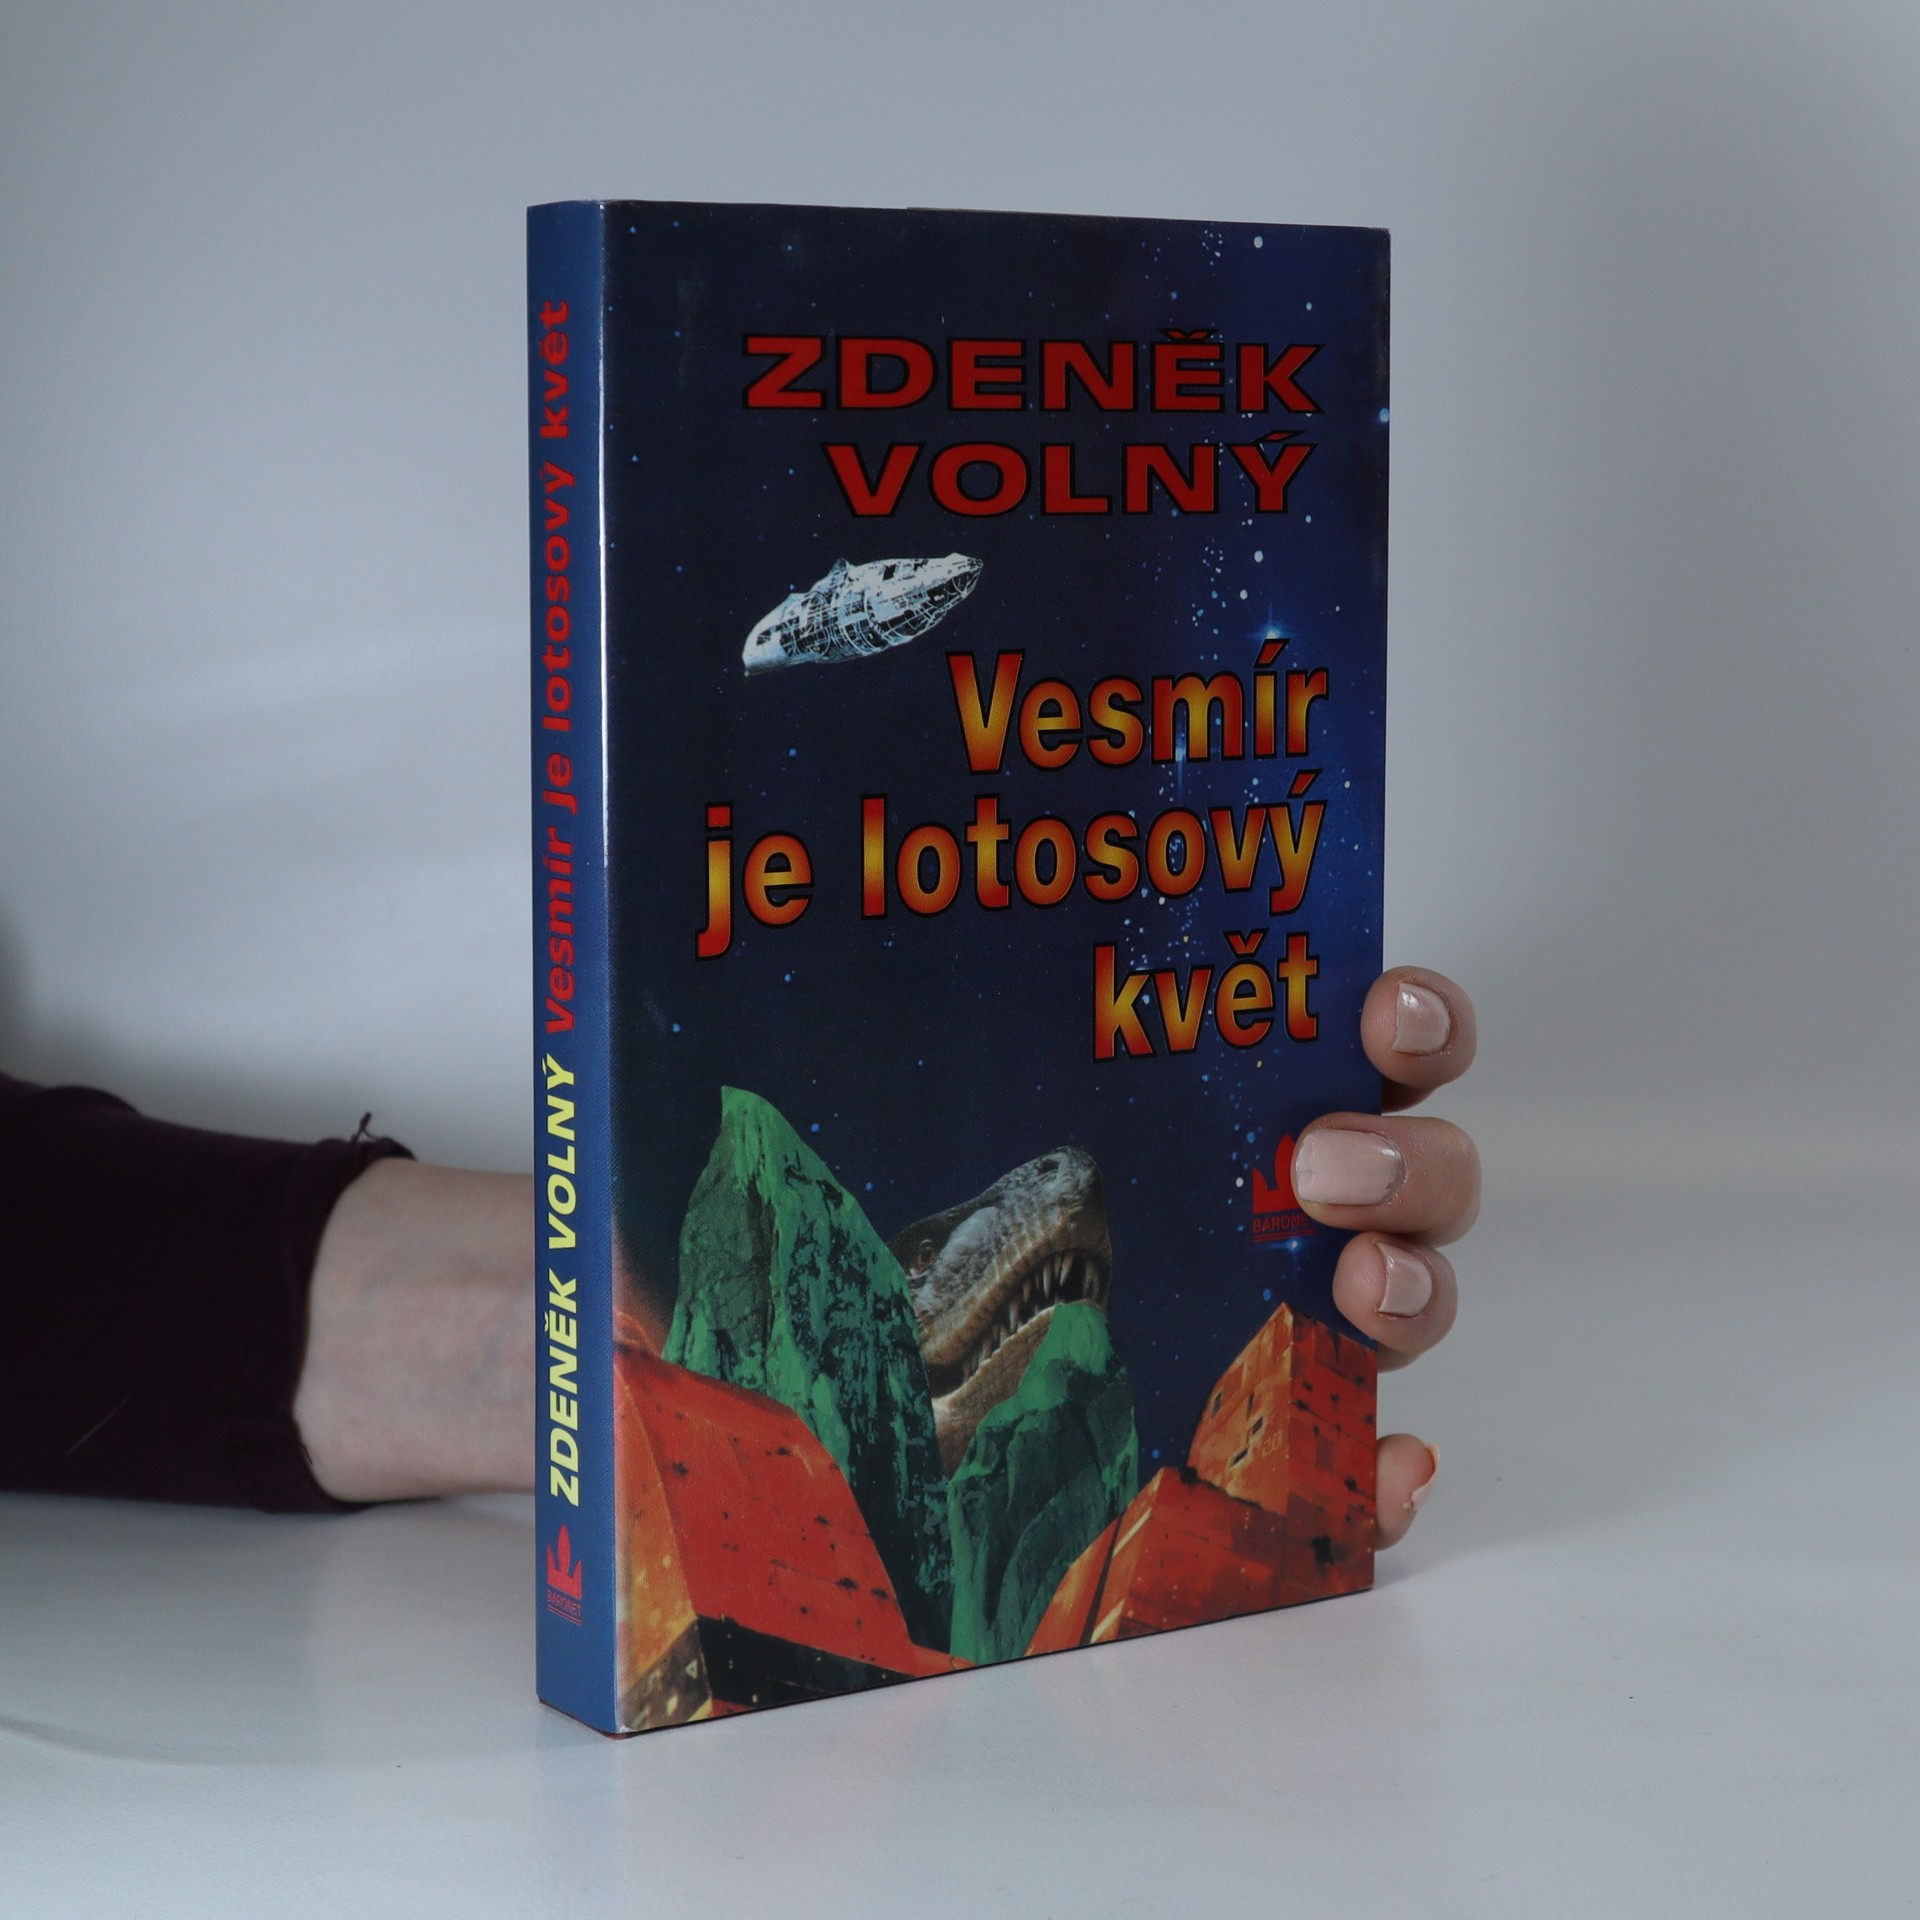 antikvární kniha Vesmír je lotosový květ, 3. díl, 1996